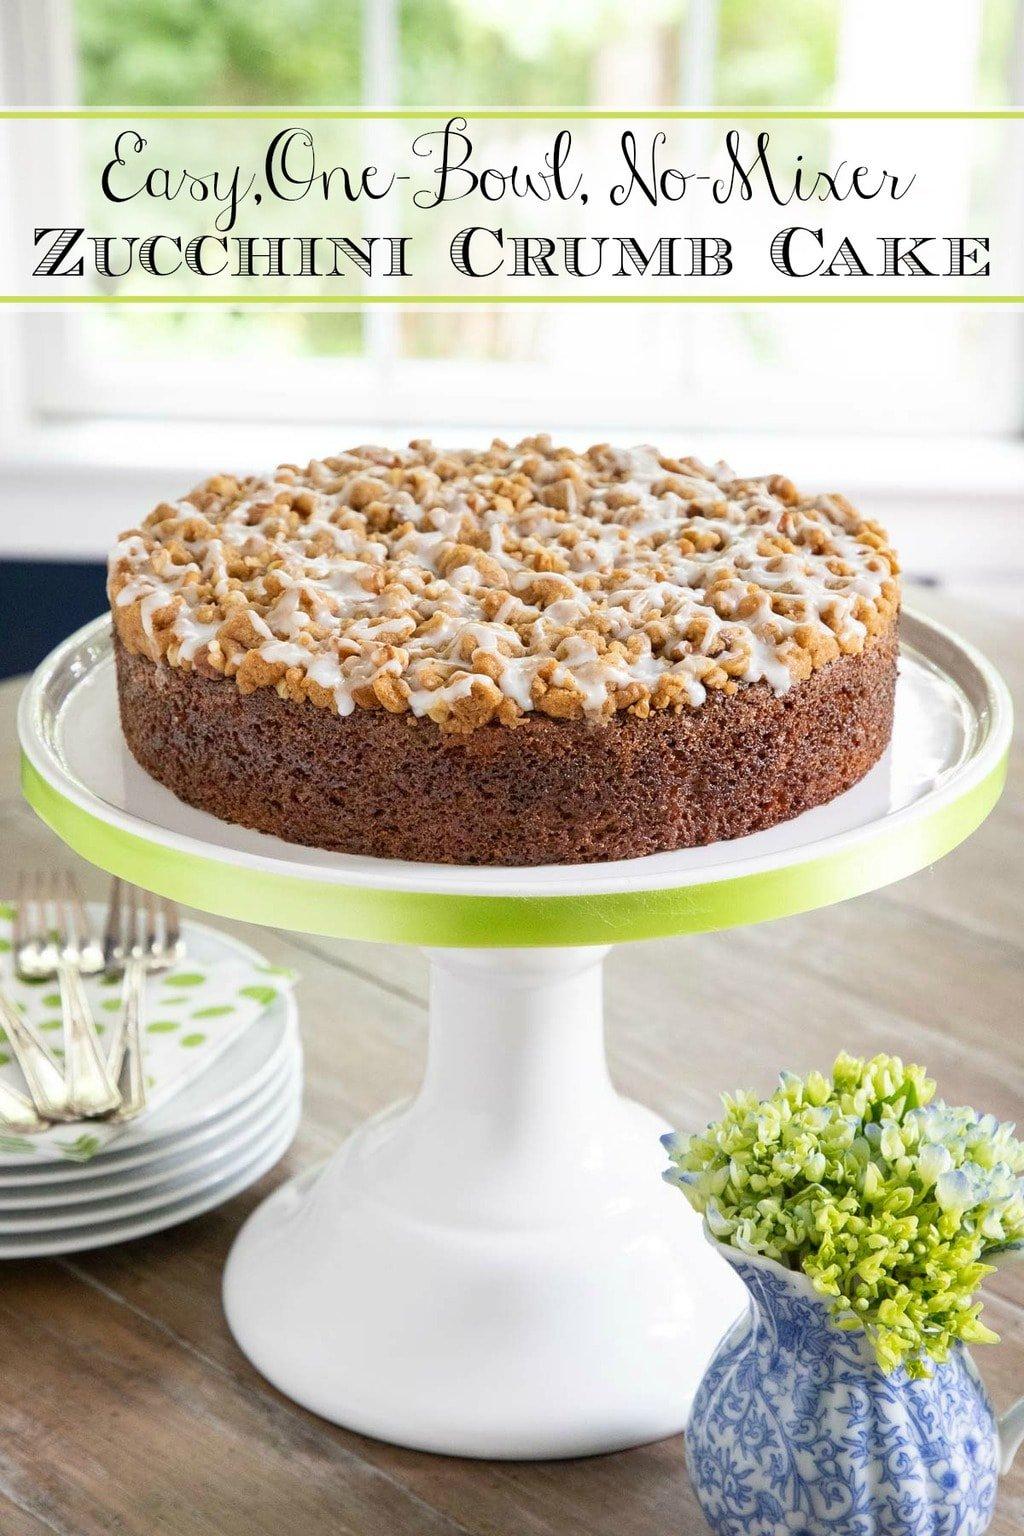 Easy Zucchini Crumb Cake